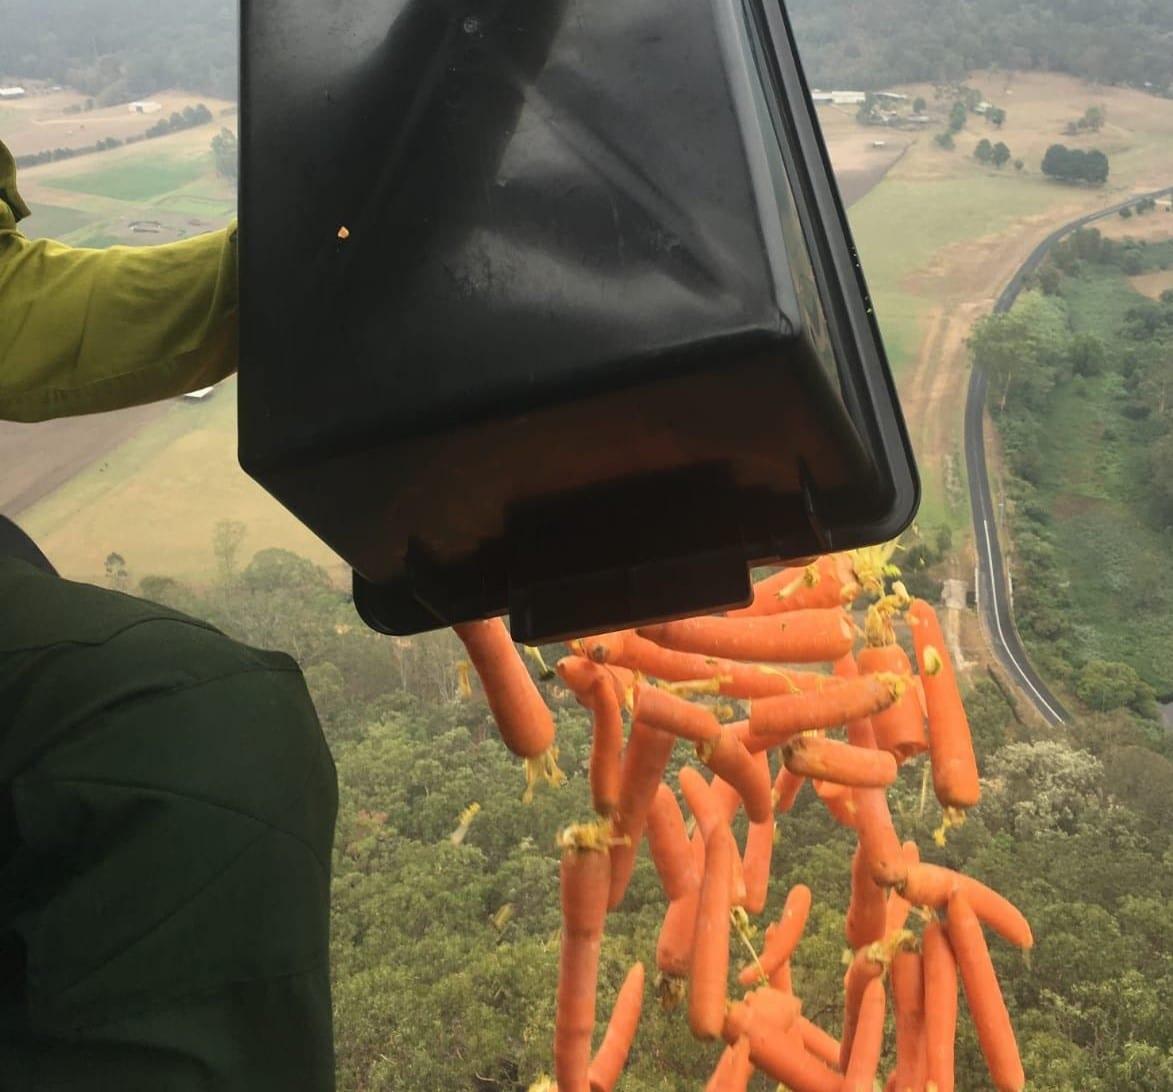 Lanzan verduras desde helicópteros para animales por incendios en Australia